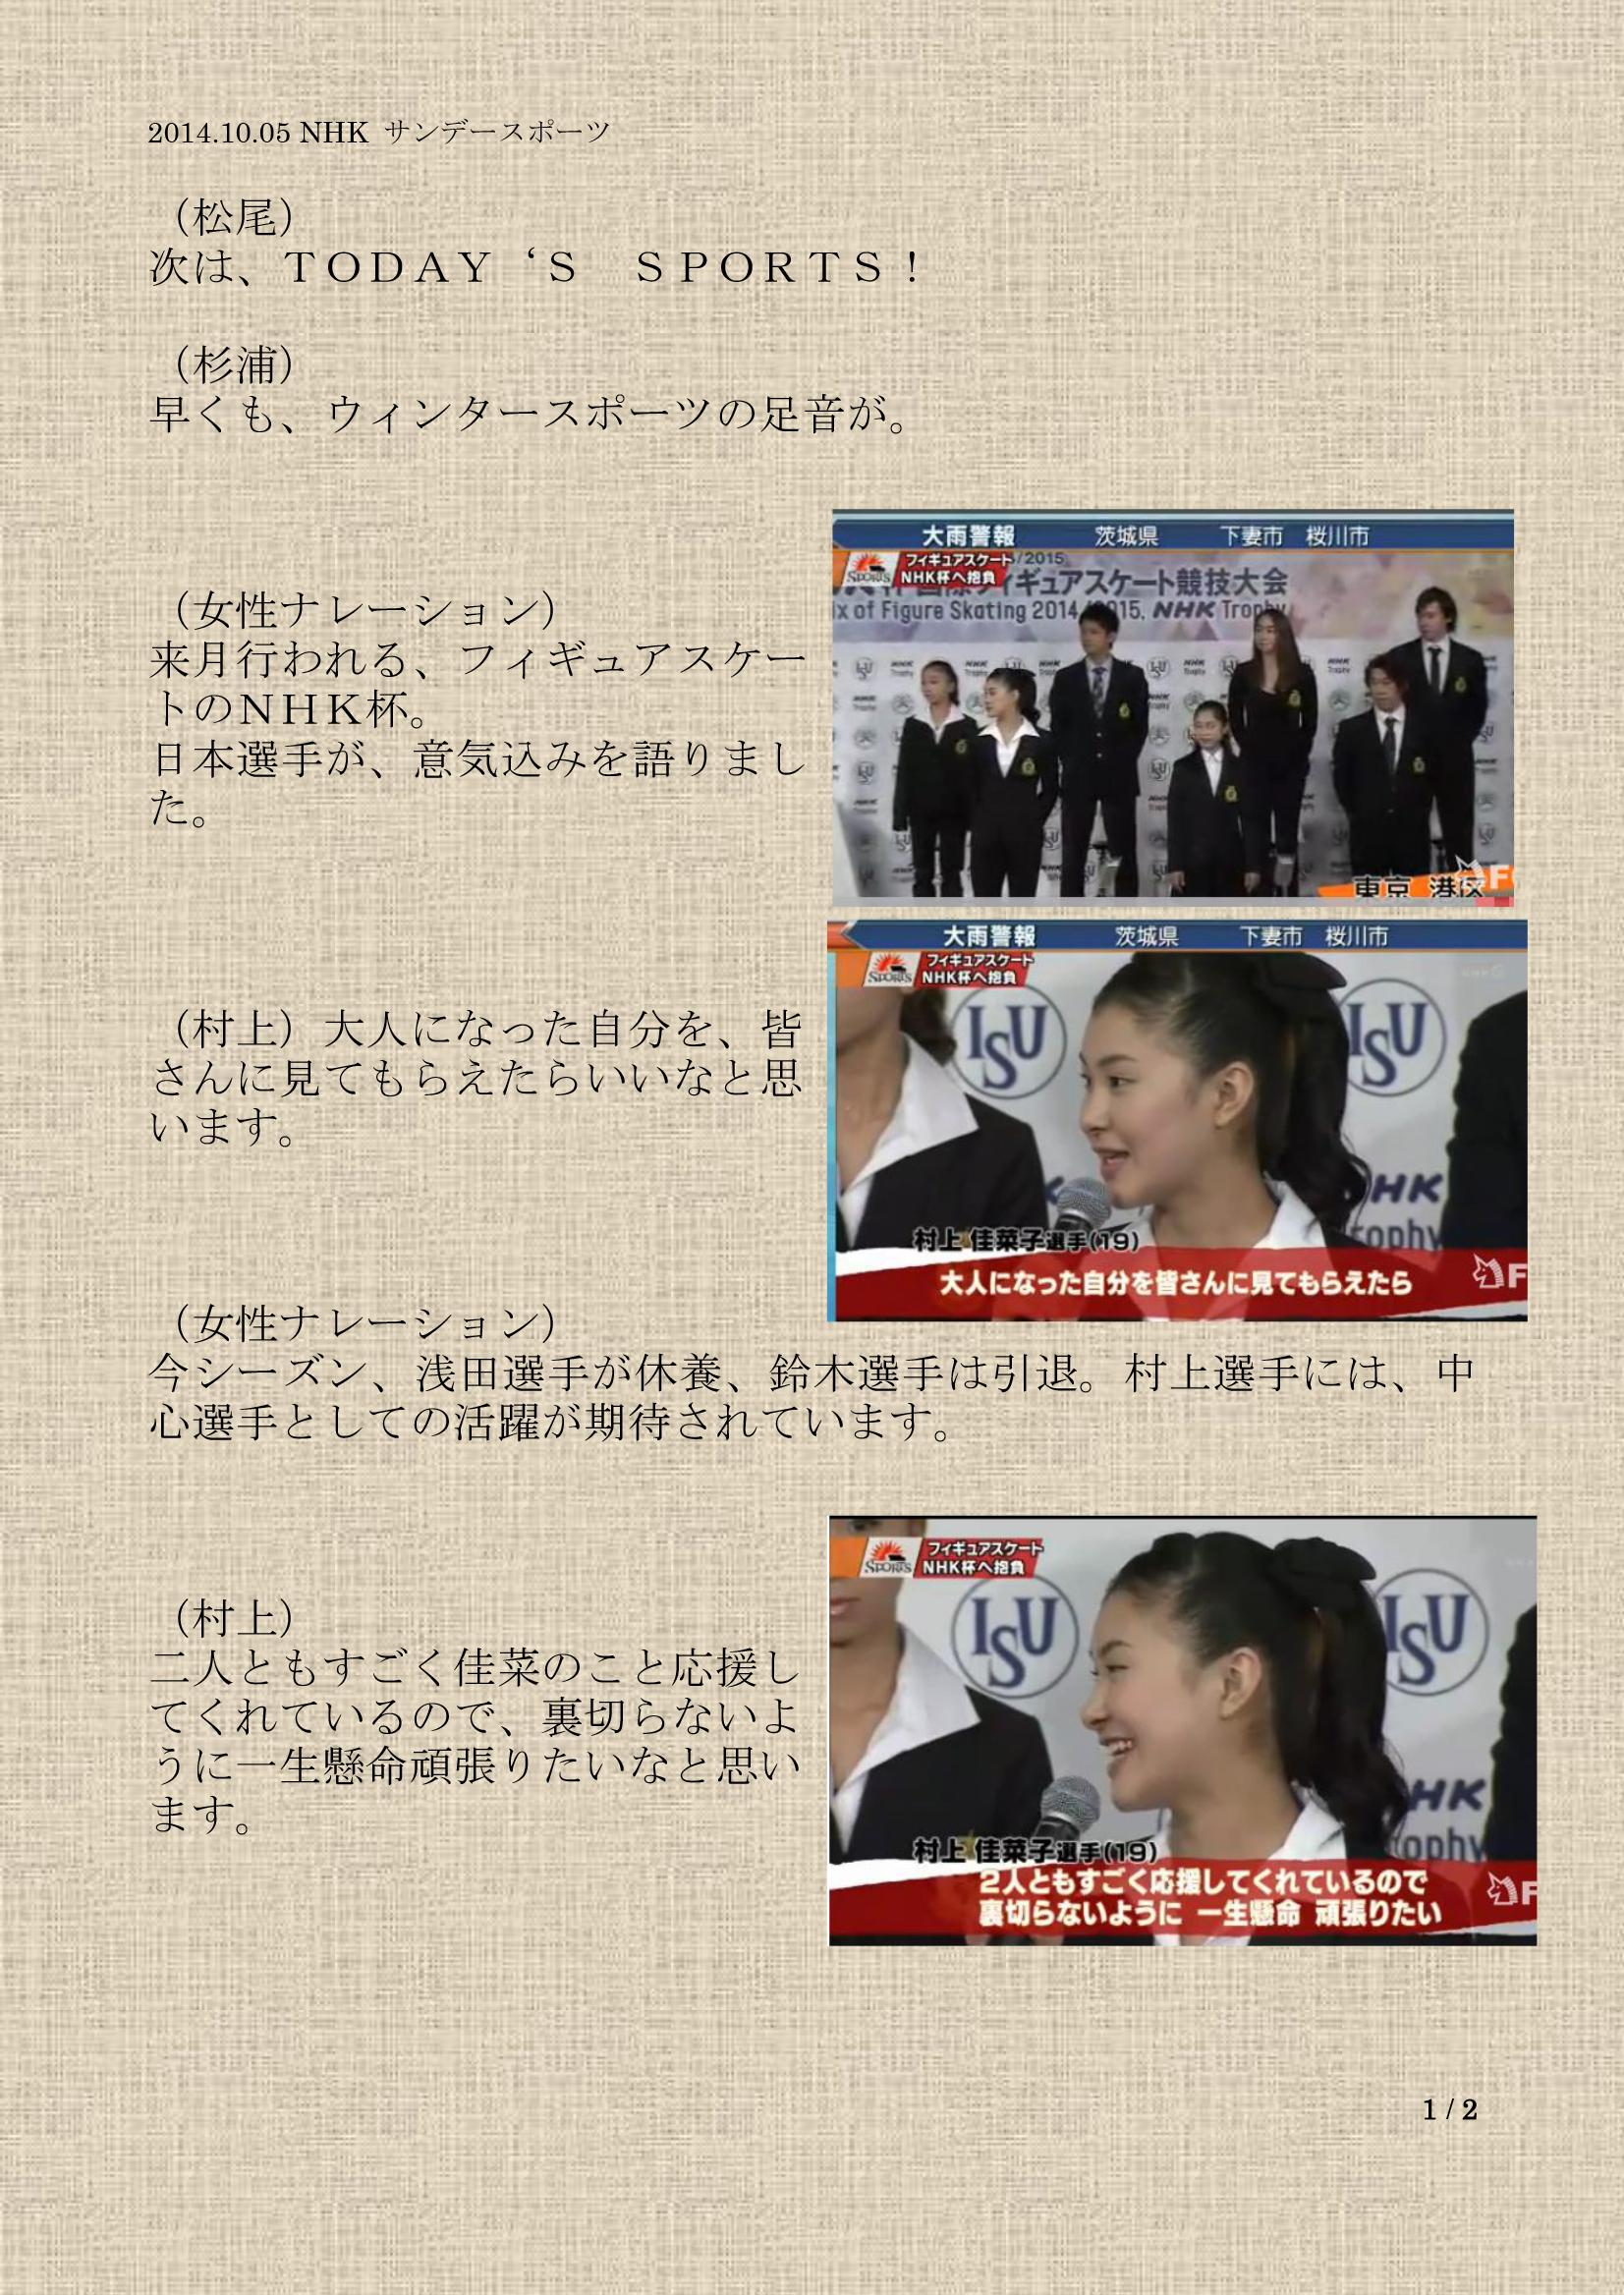 2014-10-05-NHK サンデースポーツ(NHK杯記者会見 村上、羽生)-page1